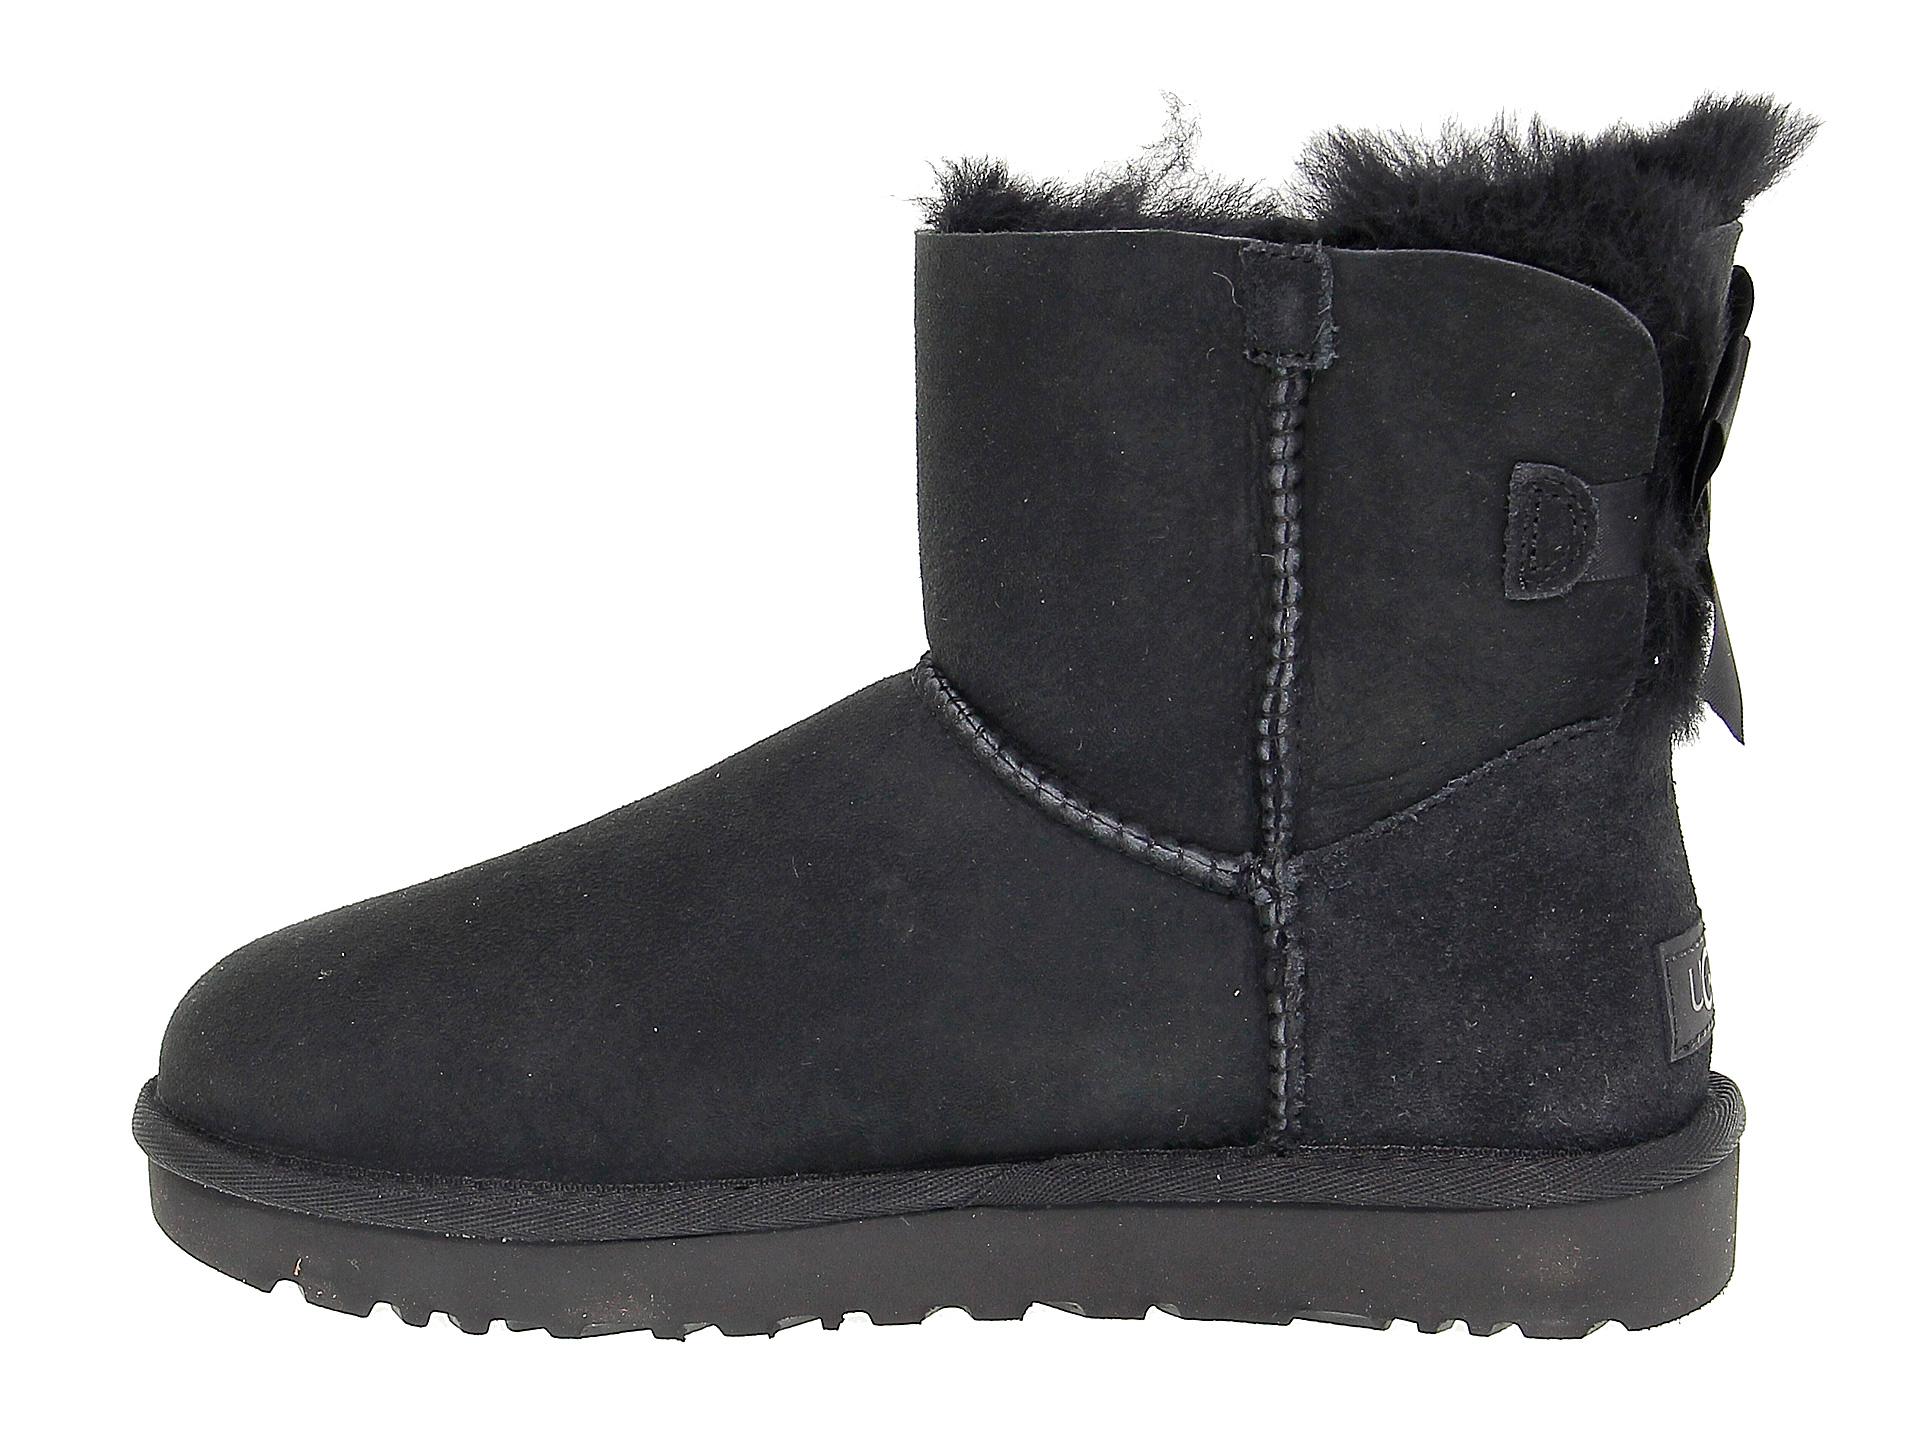 Détails sur Bottines UGG AUSTRALIA 6501 N en chamois noir Chaussures Femme